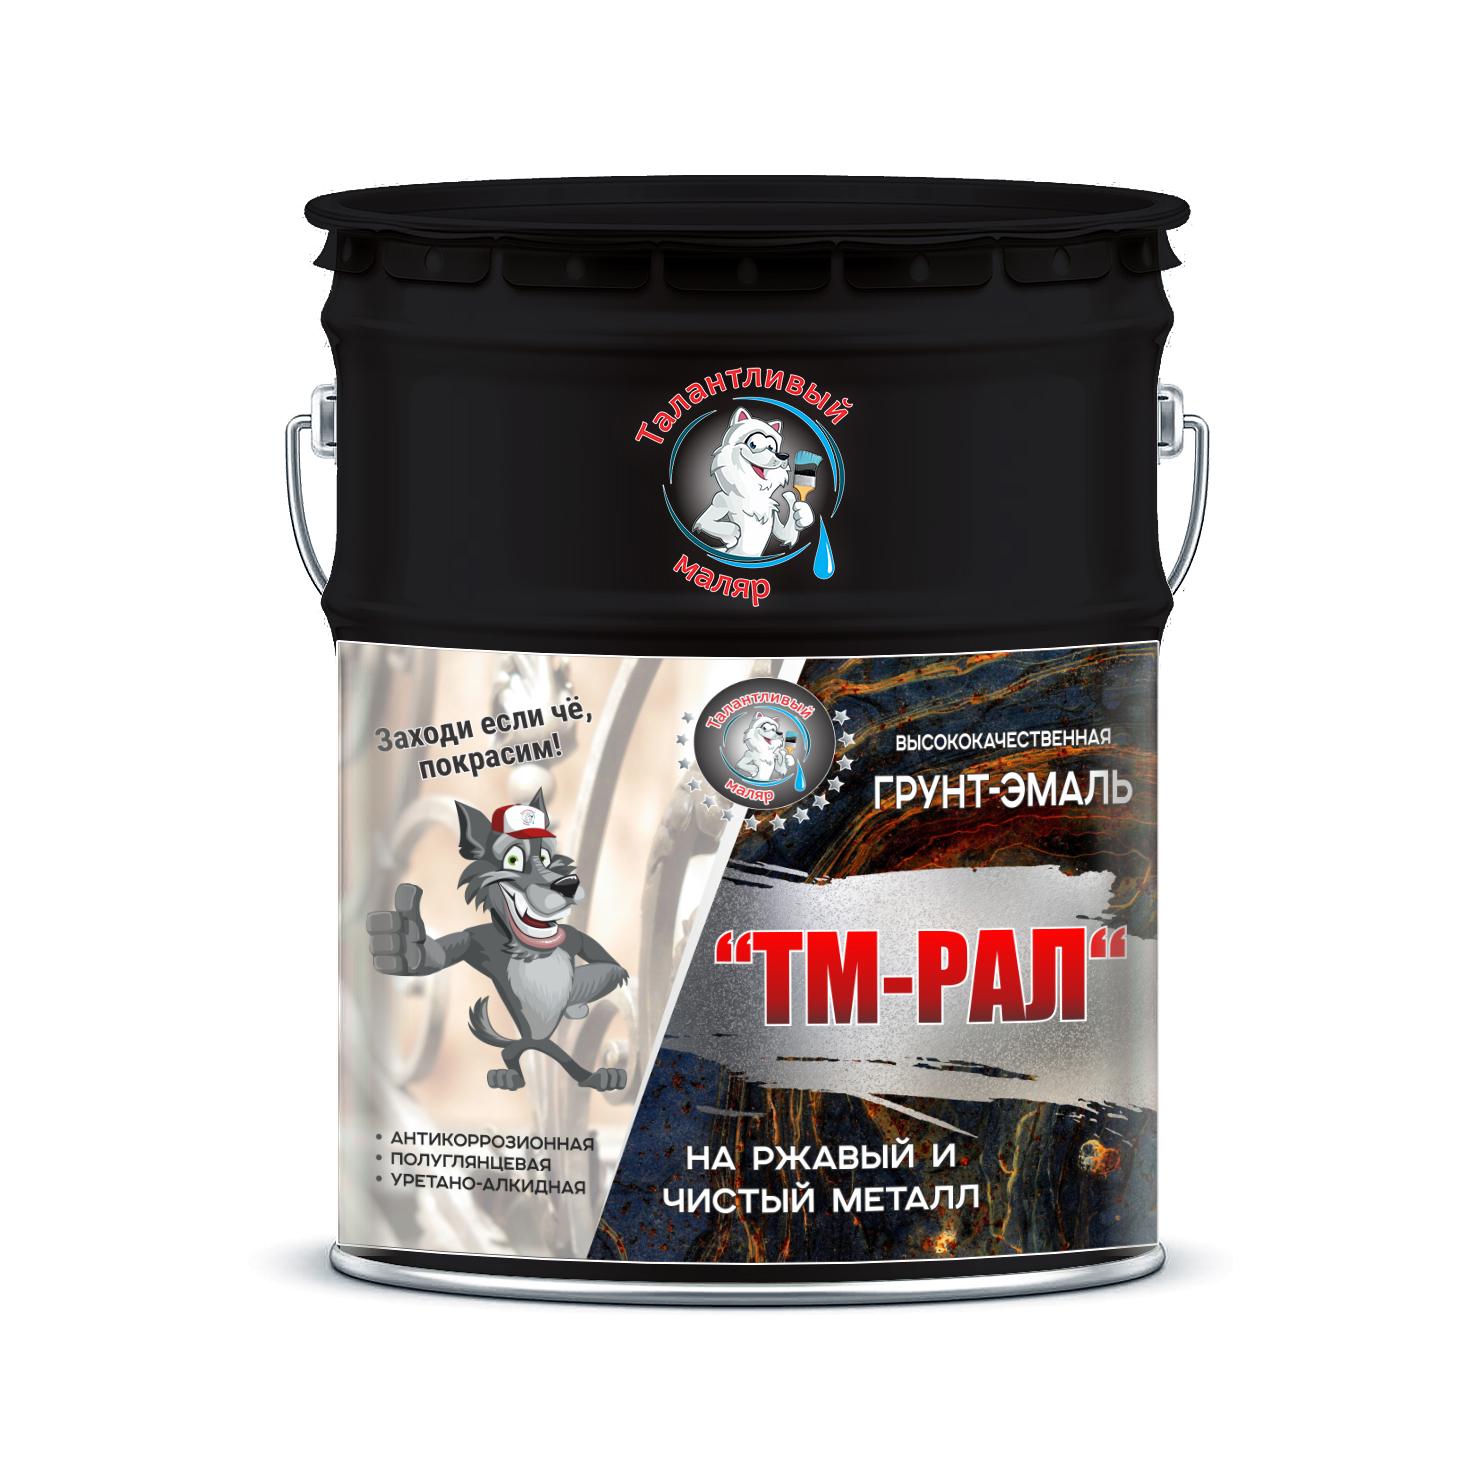 """Фото 5 - TM9005 Грунт-Эмаль """"ТМ РАЛ"""" уретано-алкидная 3 в 1 цвет RAL 9005 Черный янтарь, антикоррозионная,  полуглянцевая для черных металлов, 20 кг """"Талантливый маляр""""."""